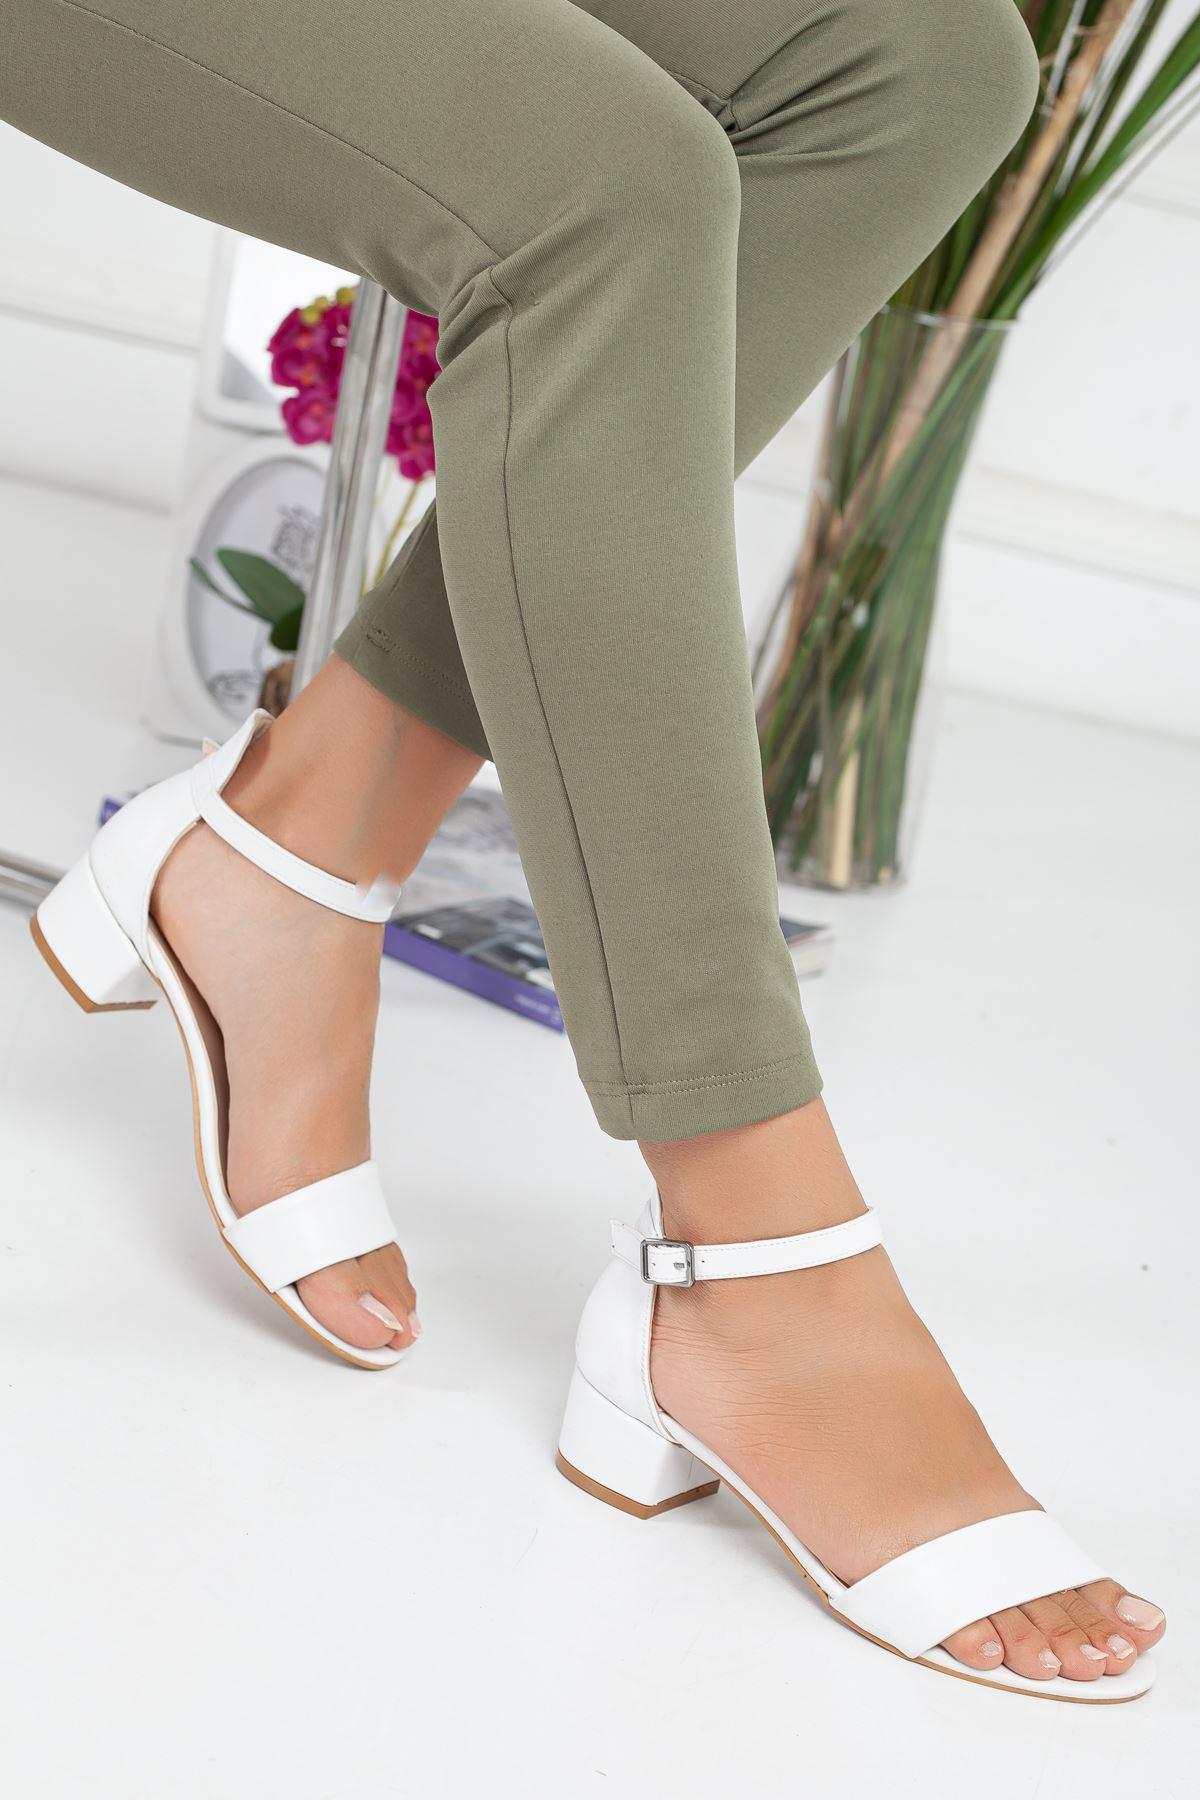 LORA tek bant topuklu ayakkabı Beyaz